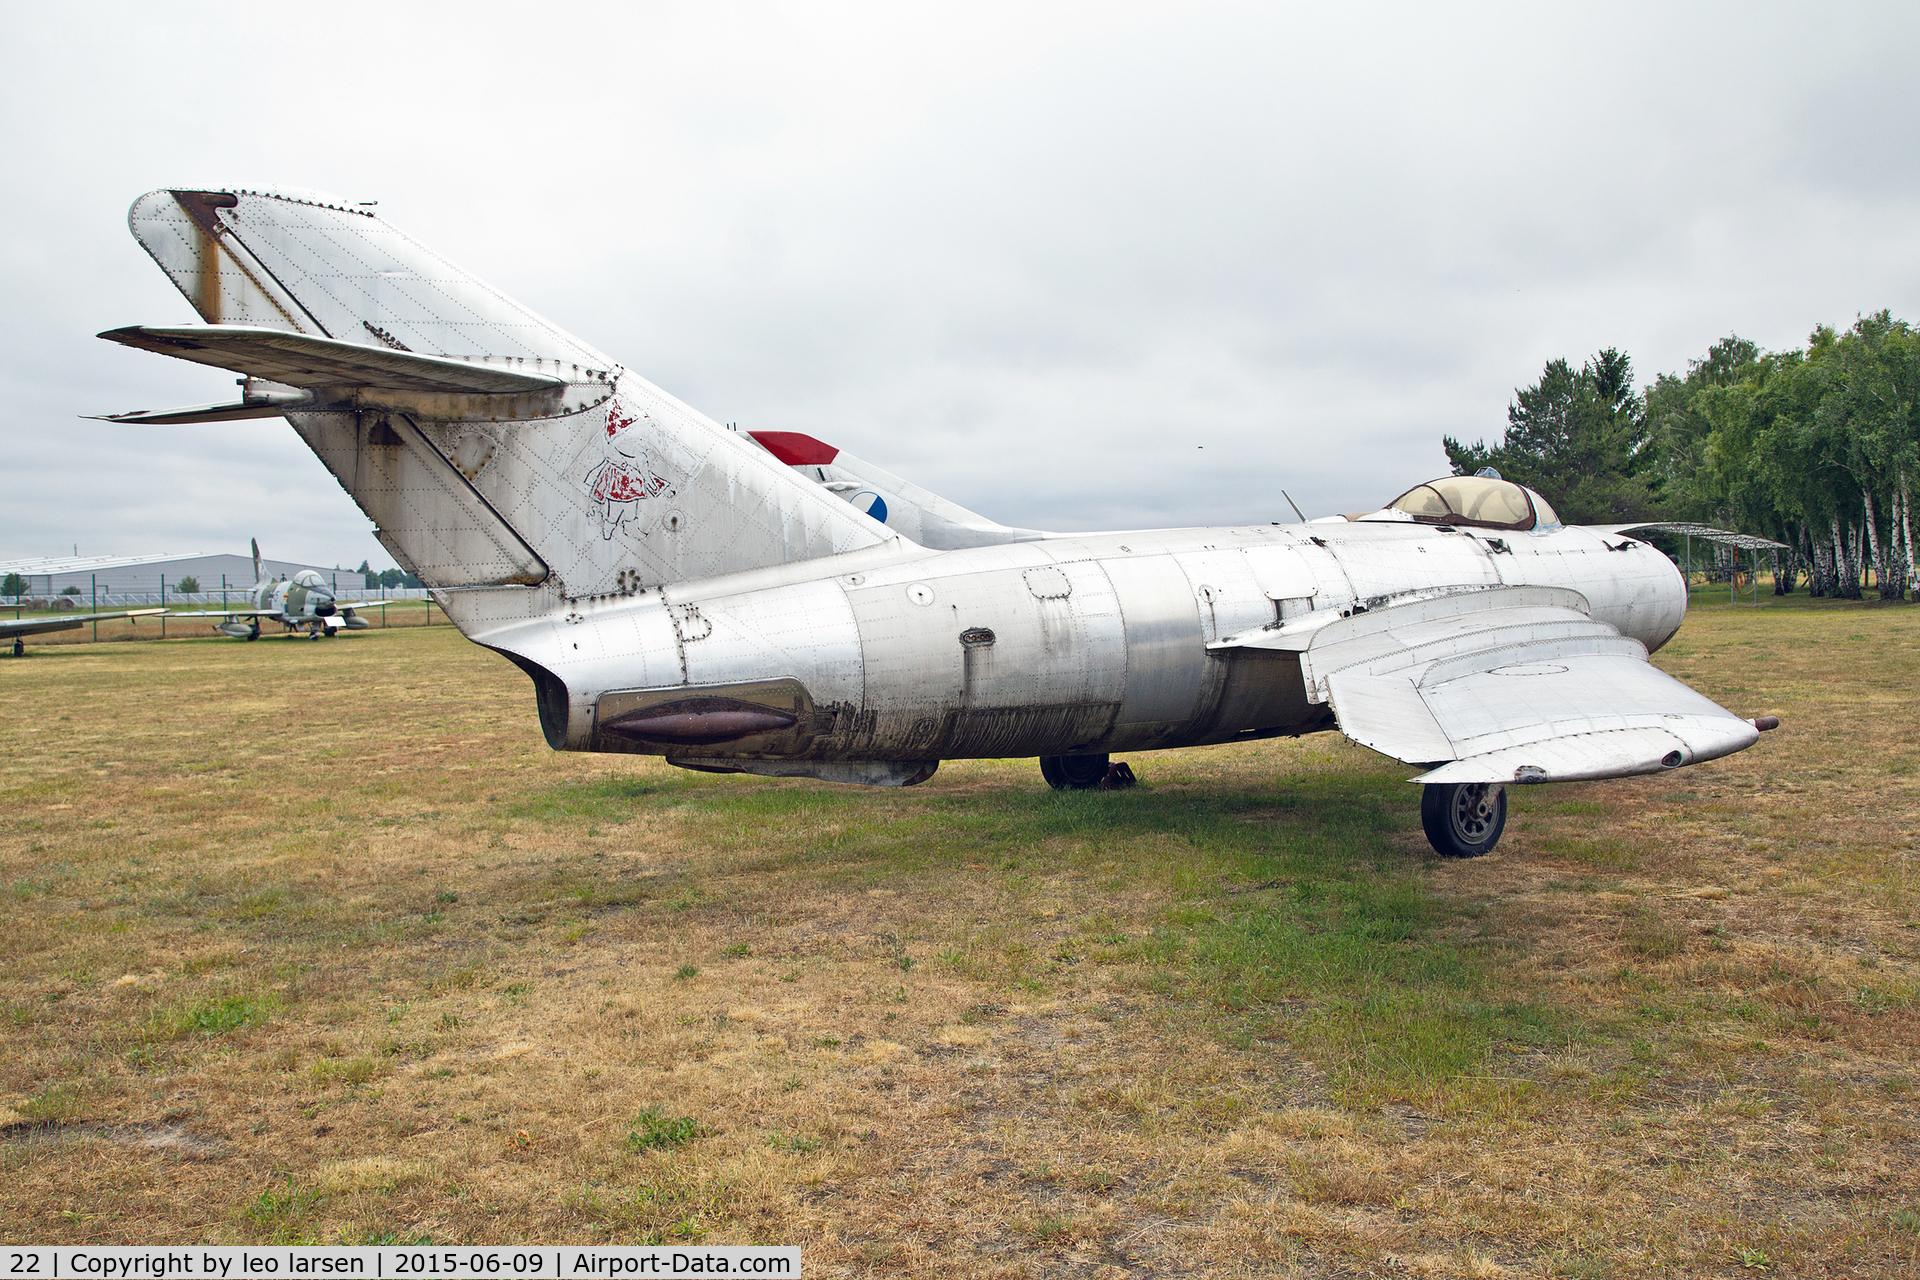 22, Mikoyan-Gurevich MiG-17 C/N 541684, Flugplatzmuseum Cottbus 9.6.15